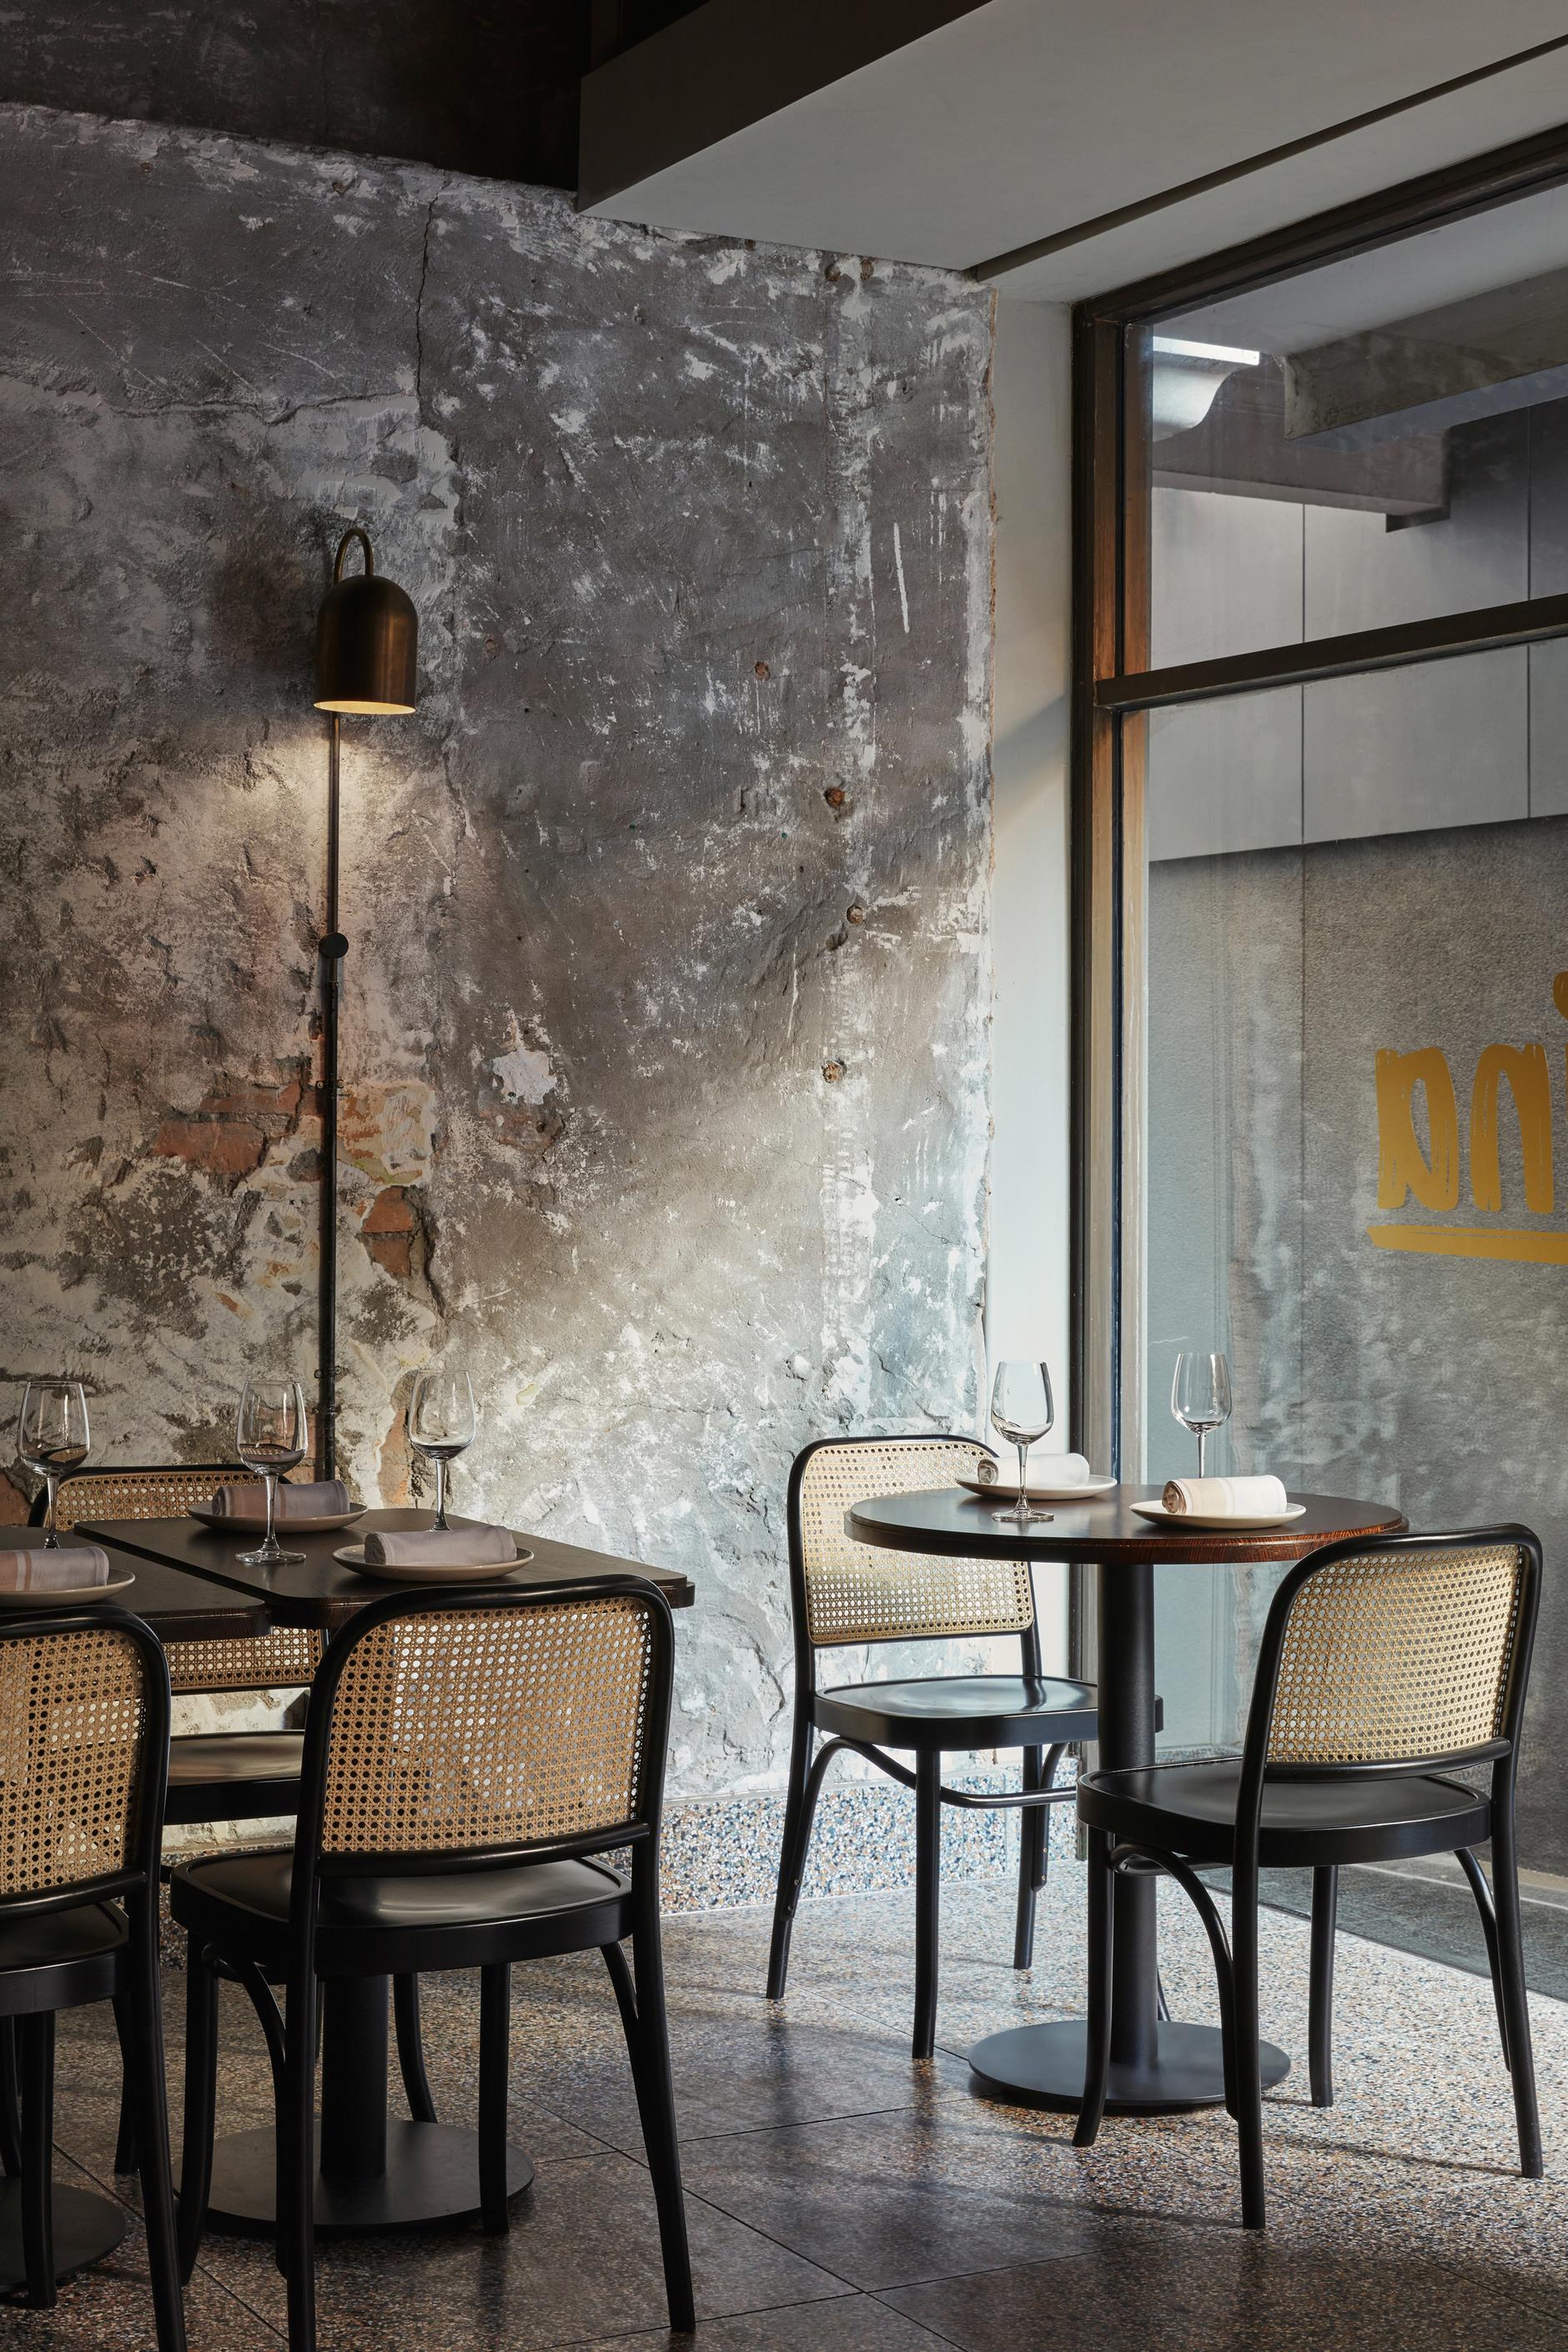 Розовый мрамор и потертый бетон: паста бар в Мельбурне (галерея 7, фото 0)